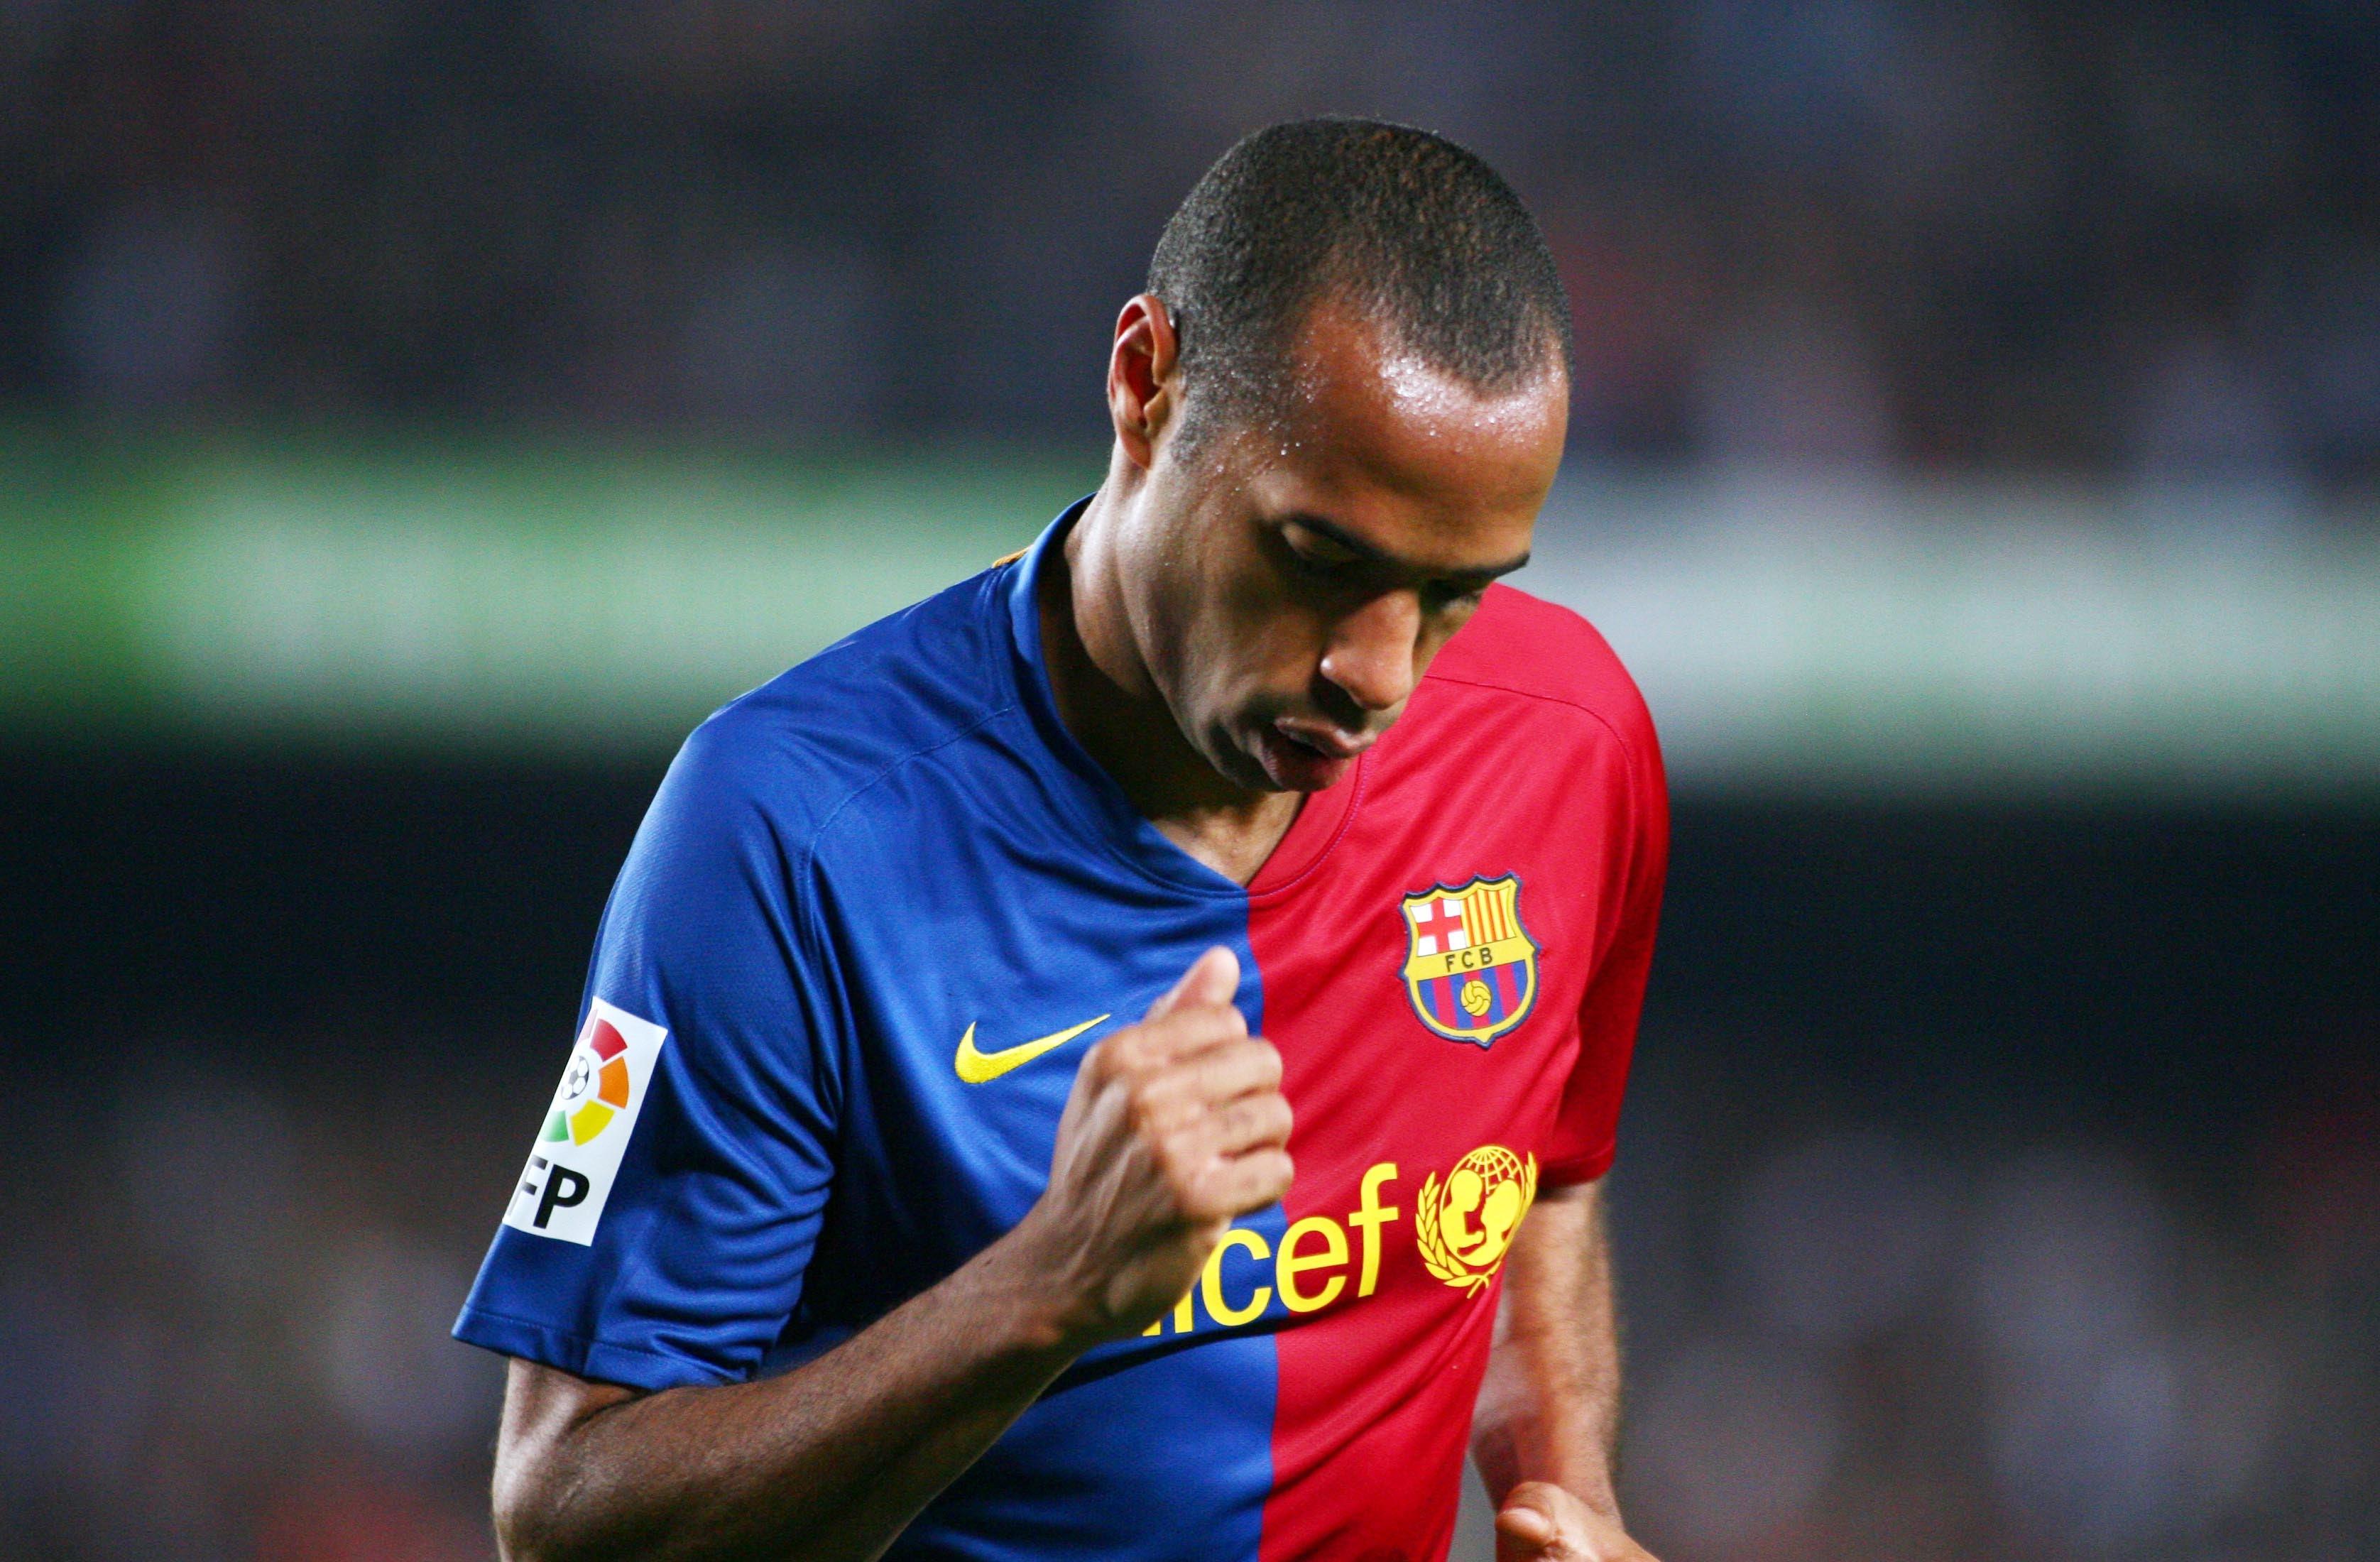 Francuscy piłkarze w FC Barcelonie